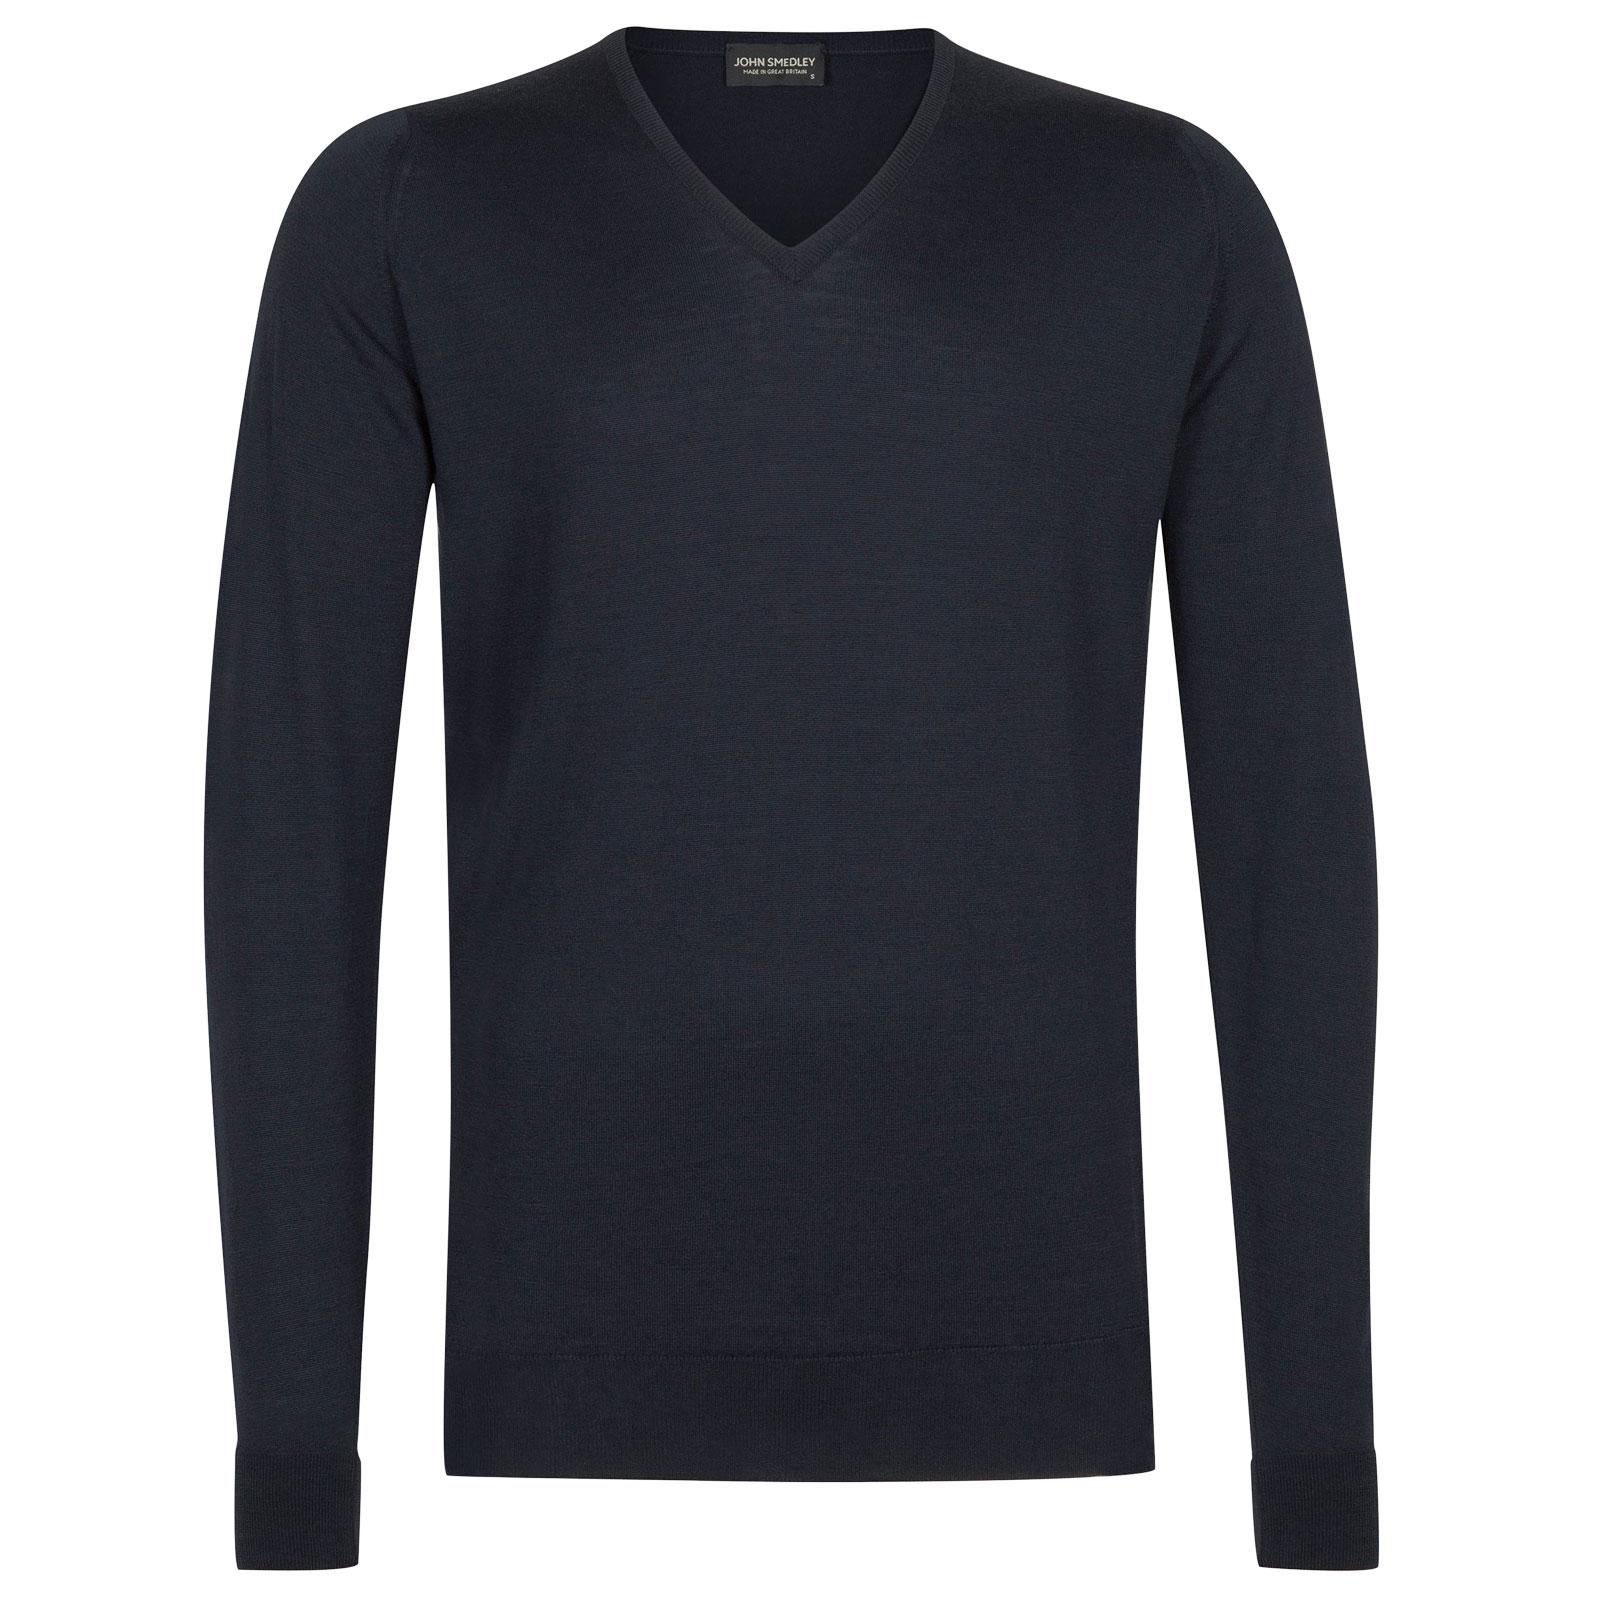 John Smedley Blenheim Merino Wool Pullover in Midnight-S